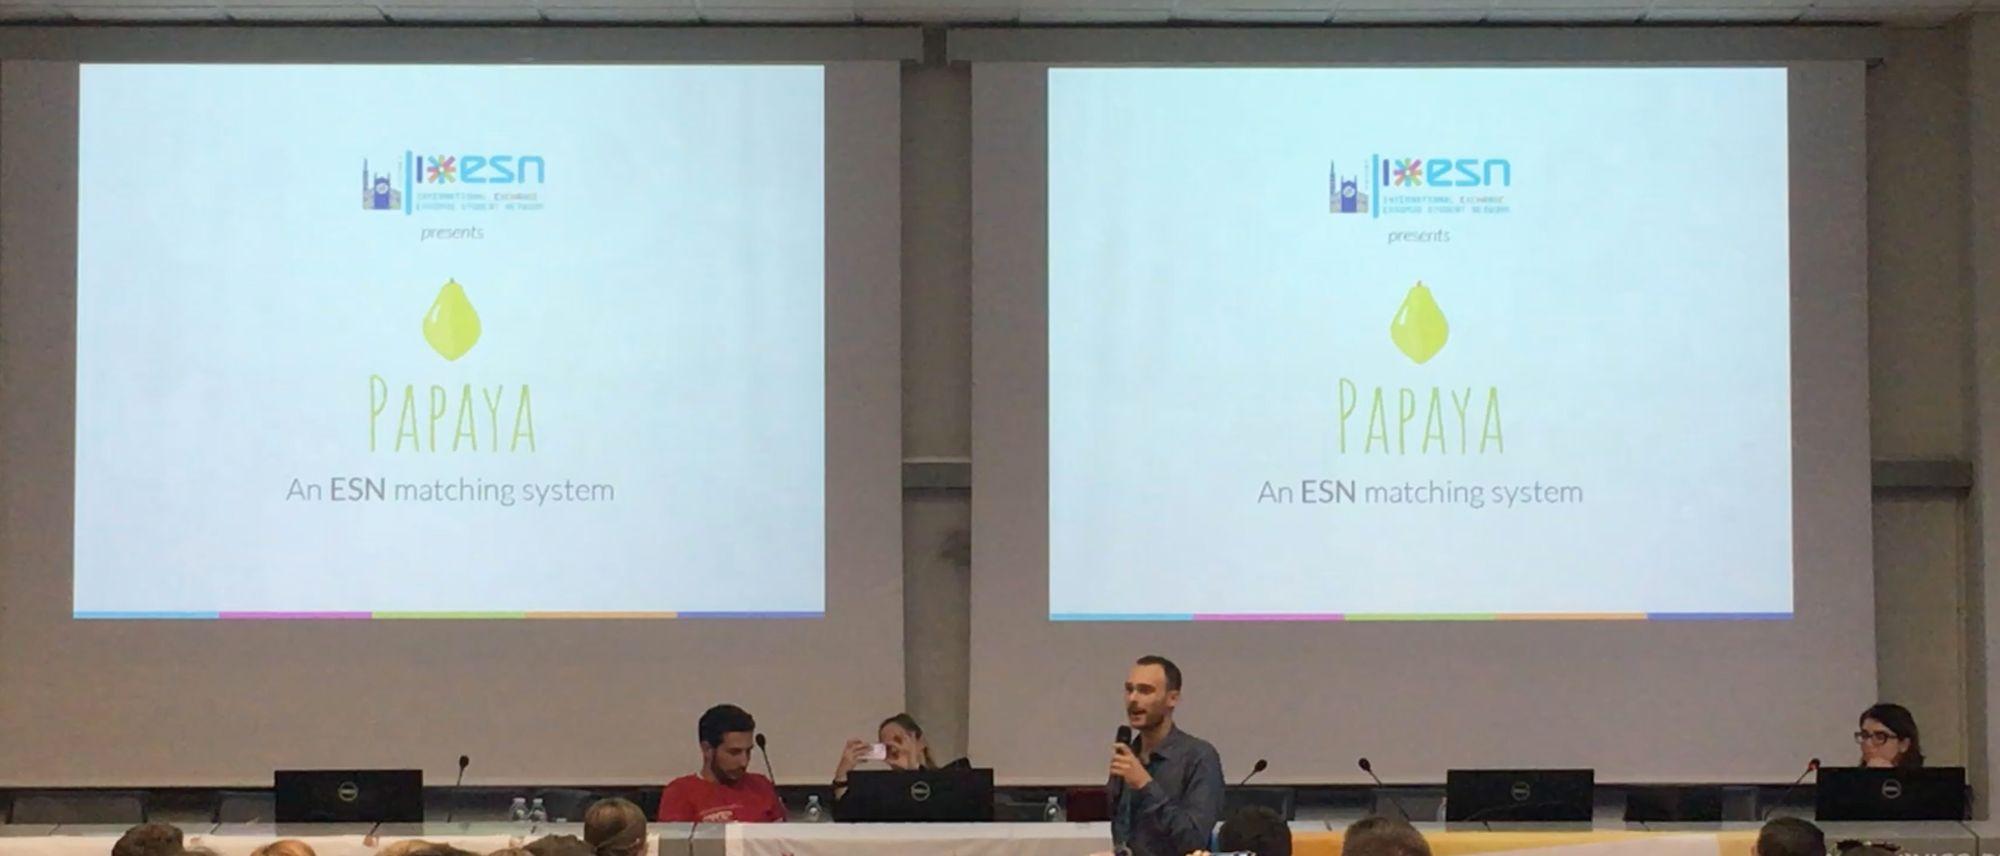 Presentazione di Papaya allo showcase